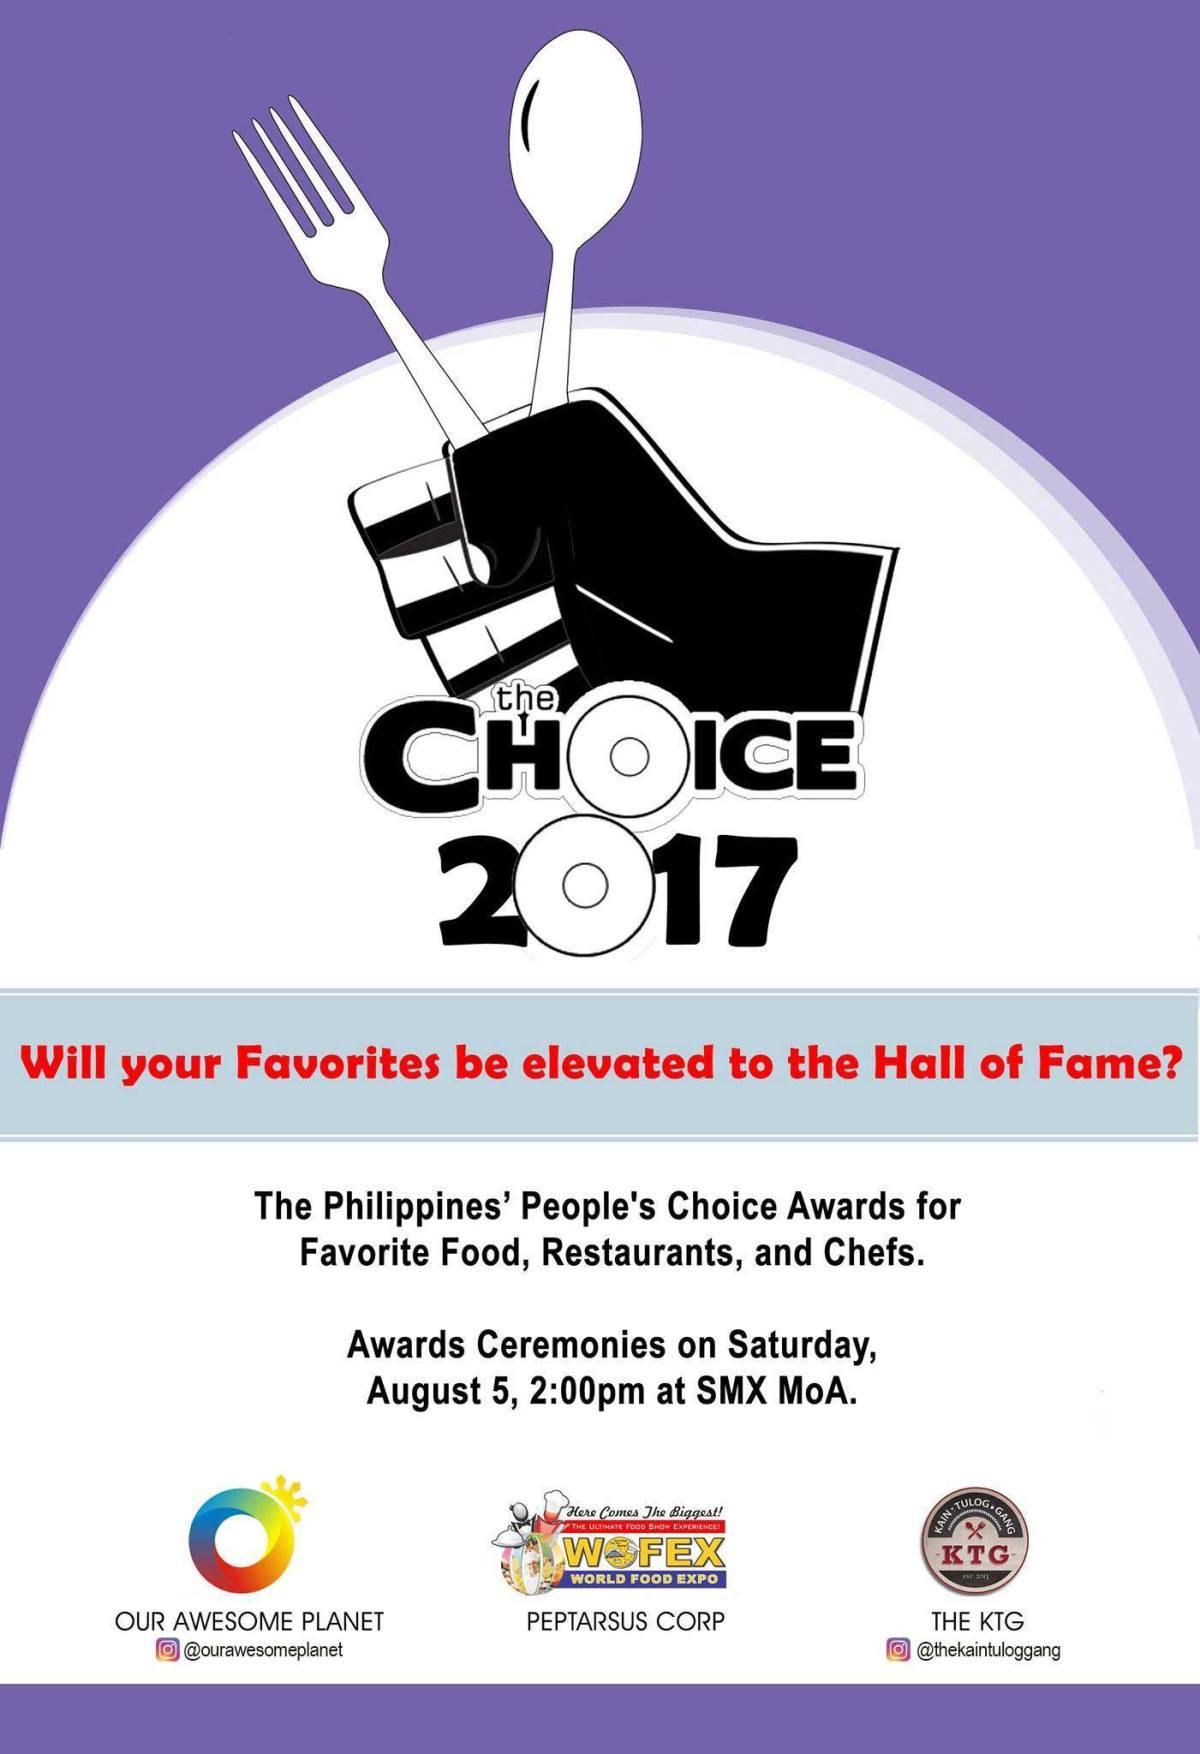 The Choice 2017